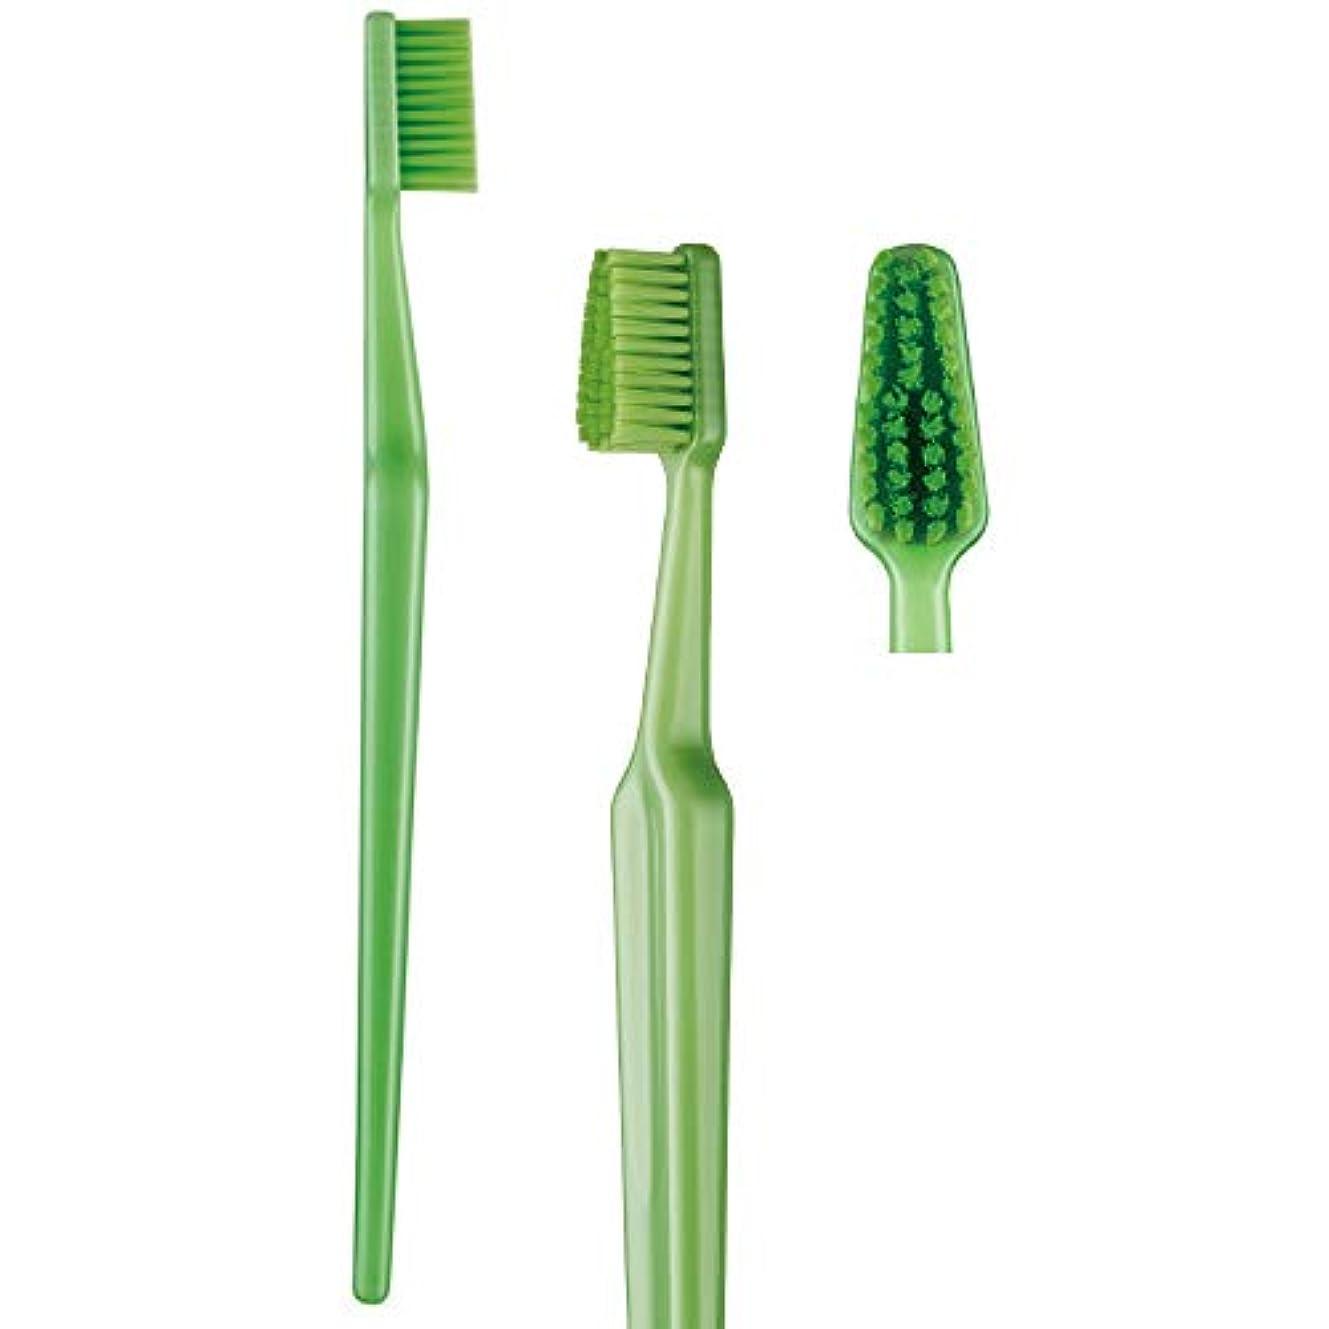 ホステス前置詞ラフ歯科専売品 大人用歯ブラシ TePe GOOD (グッド) レギュラー ソフト(やわらかめ) ヘッド大 1本